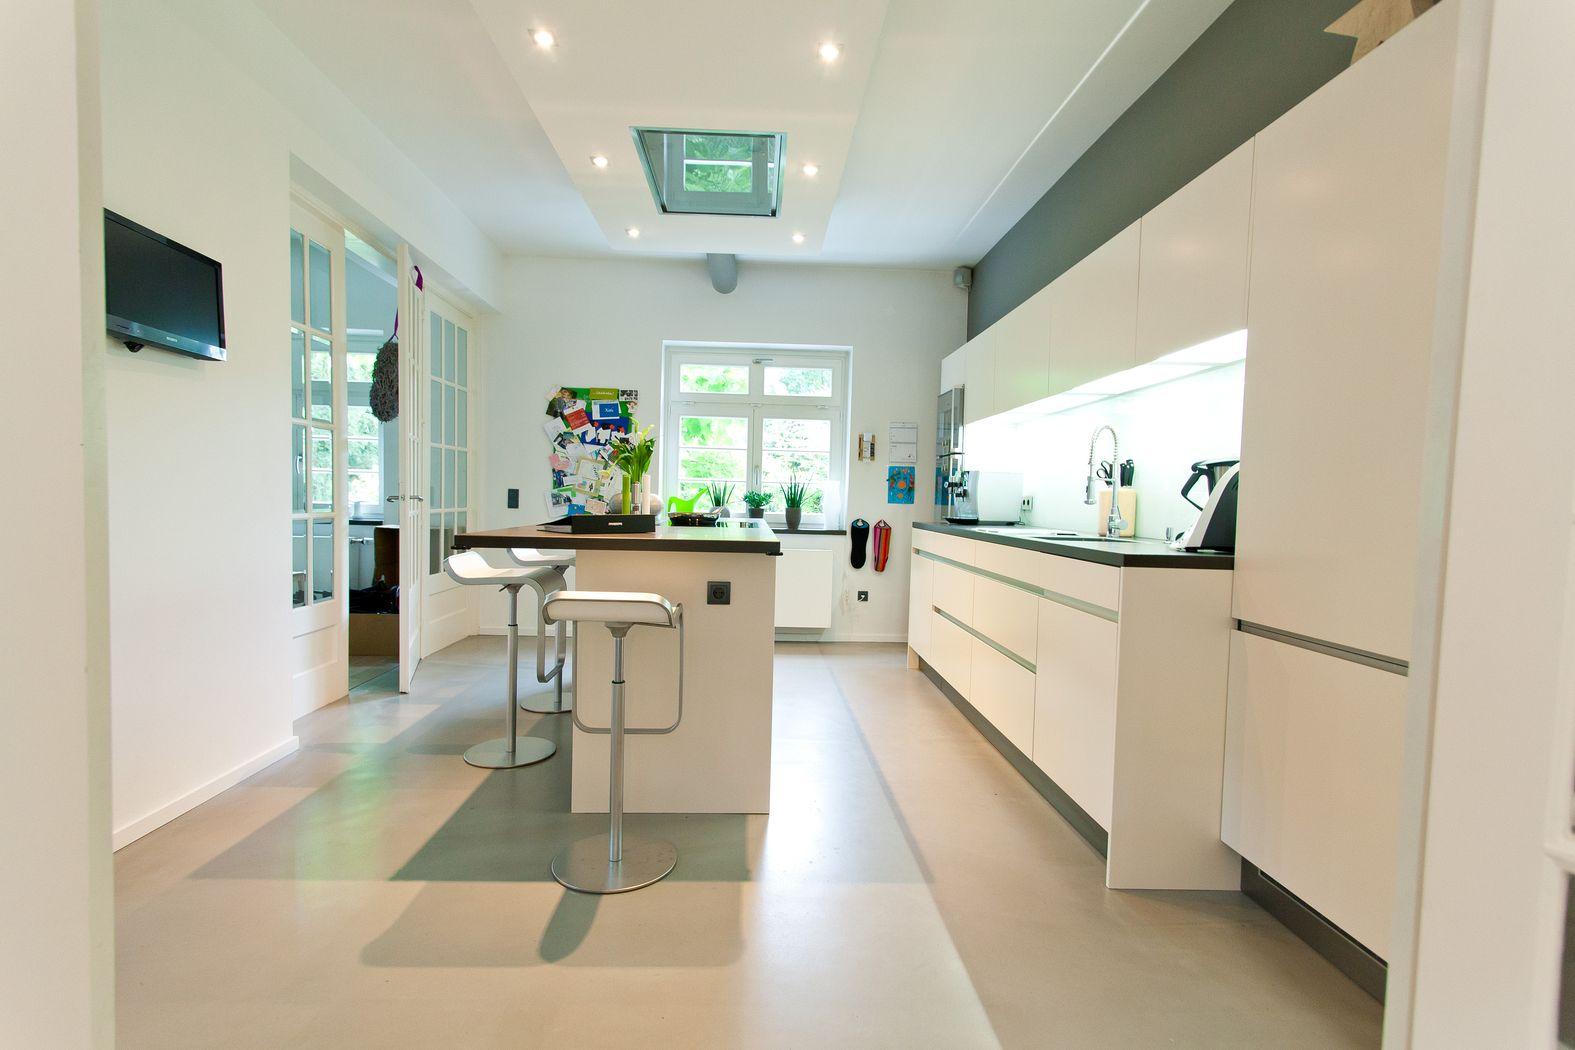 Küchen 2017  Küchenstudie 2016 und Trends für Einbauküchen in 2017 - Küchenhaus ...